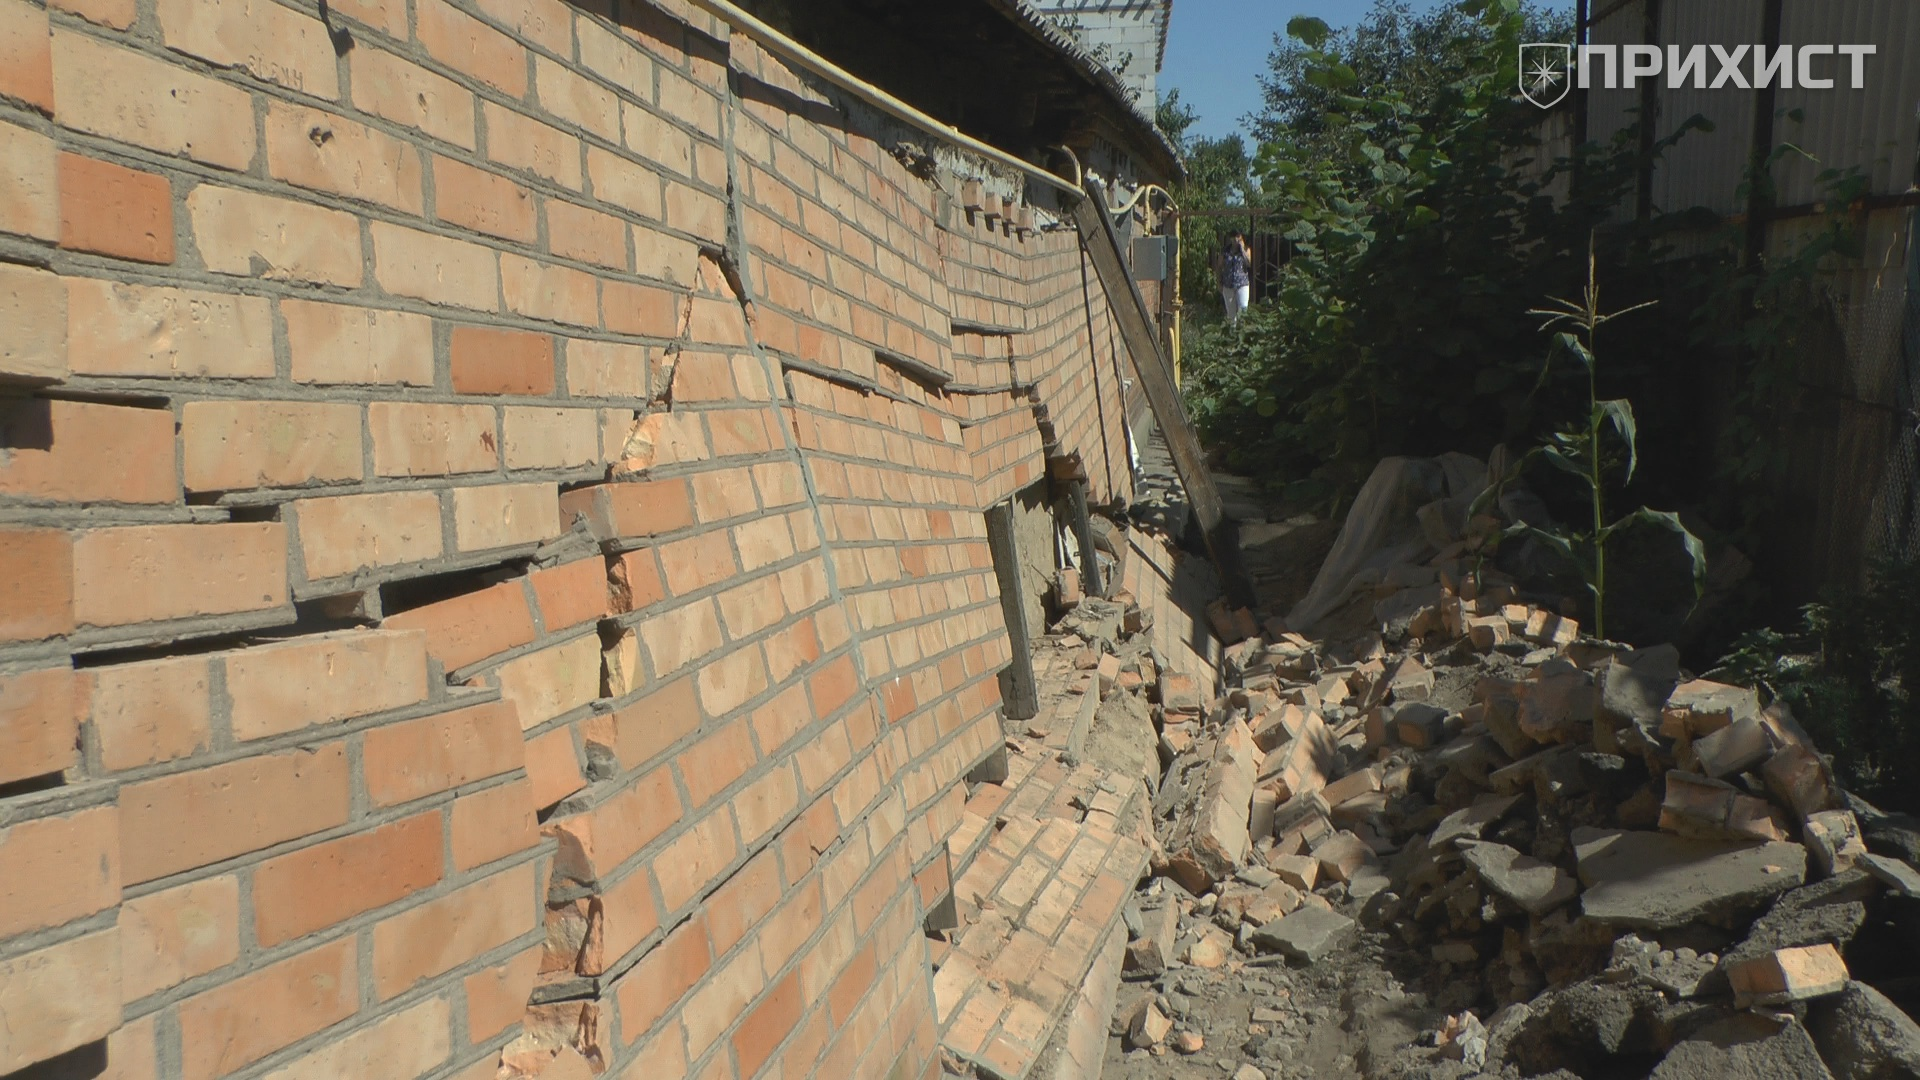 В частном секторе Никополя рухнула стена жилого дома | Прихист